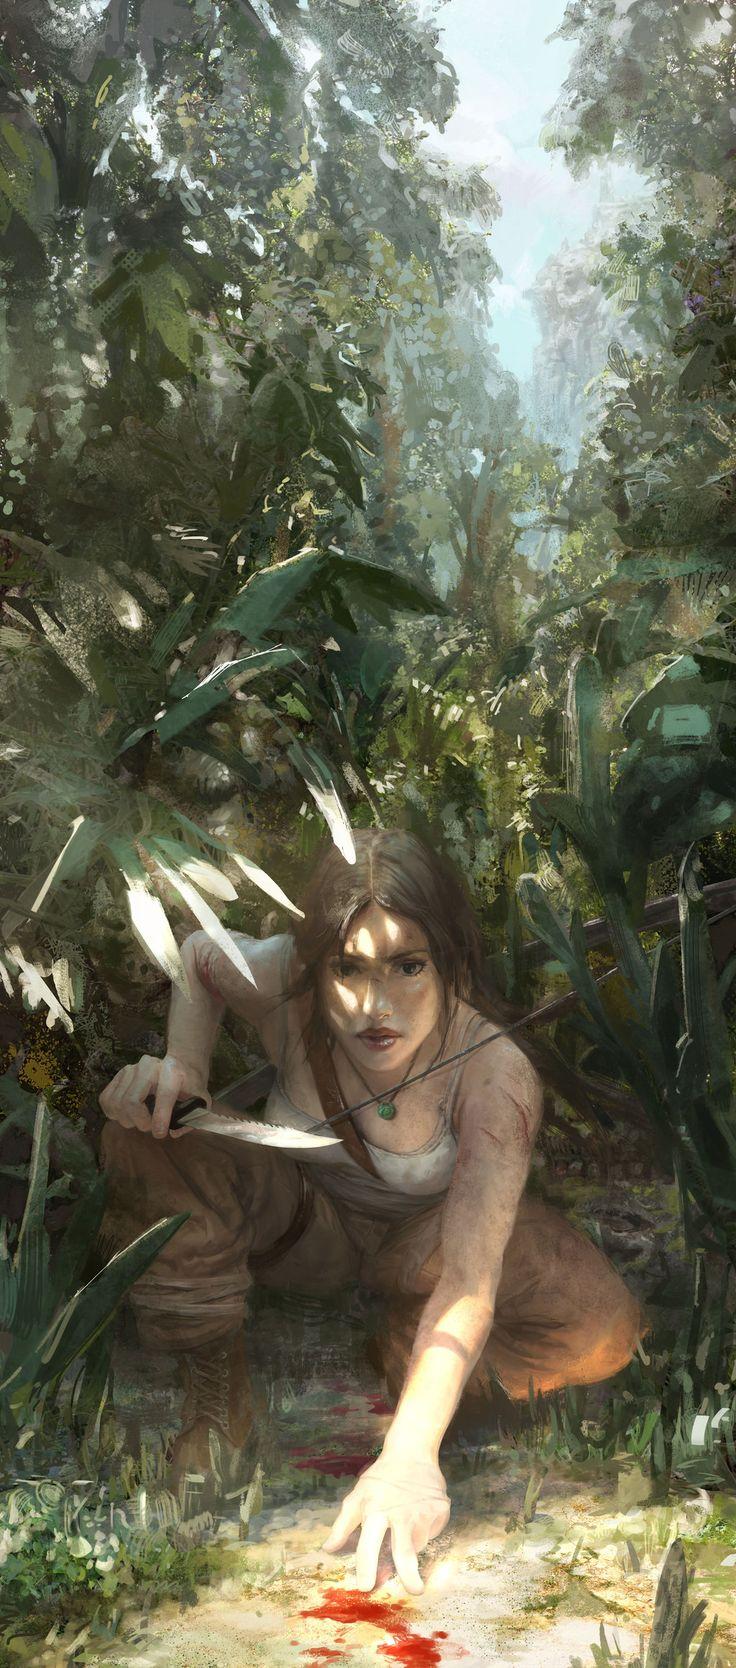 Lara Croft - Tomb Raider - fooyee.deviantart.com